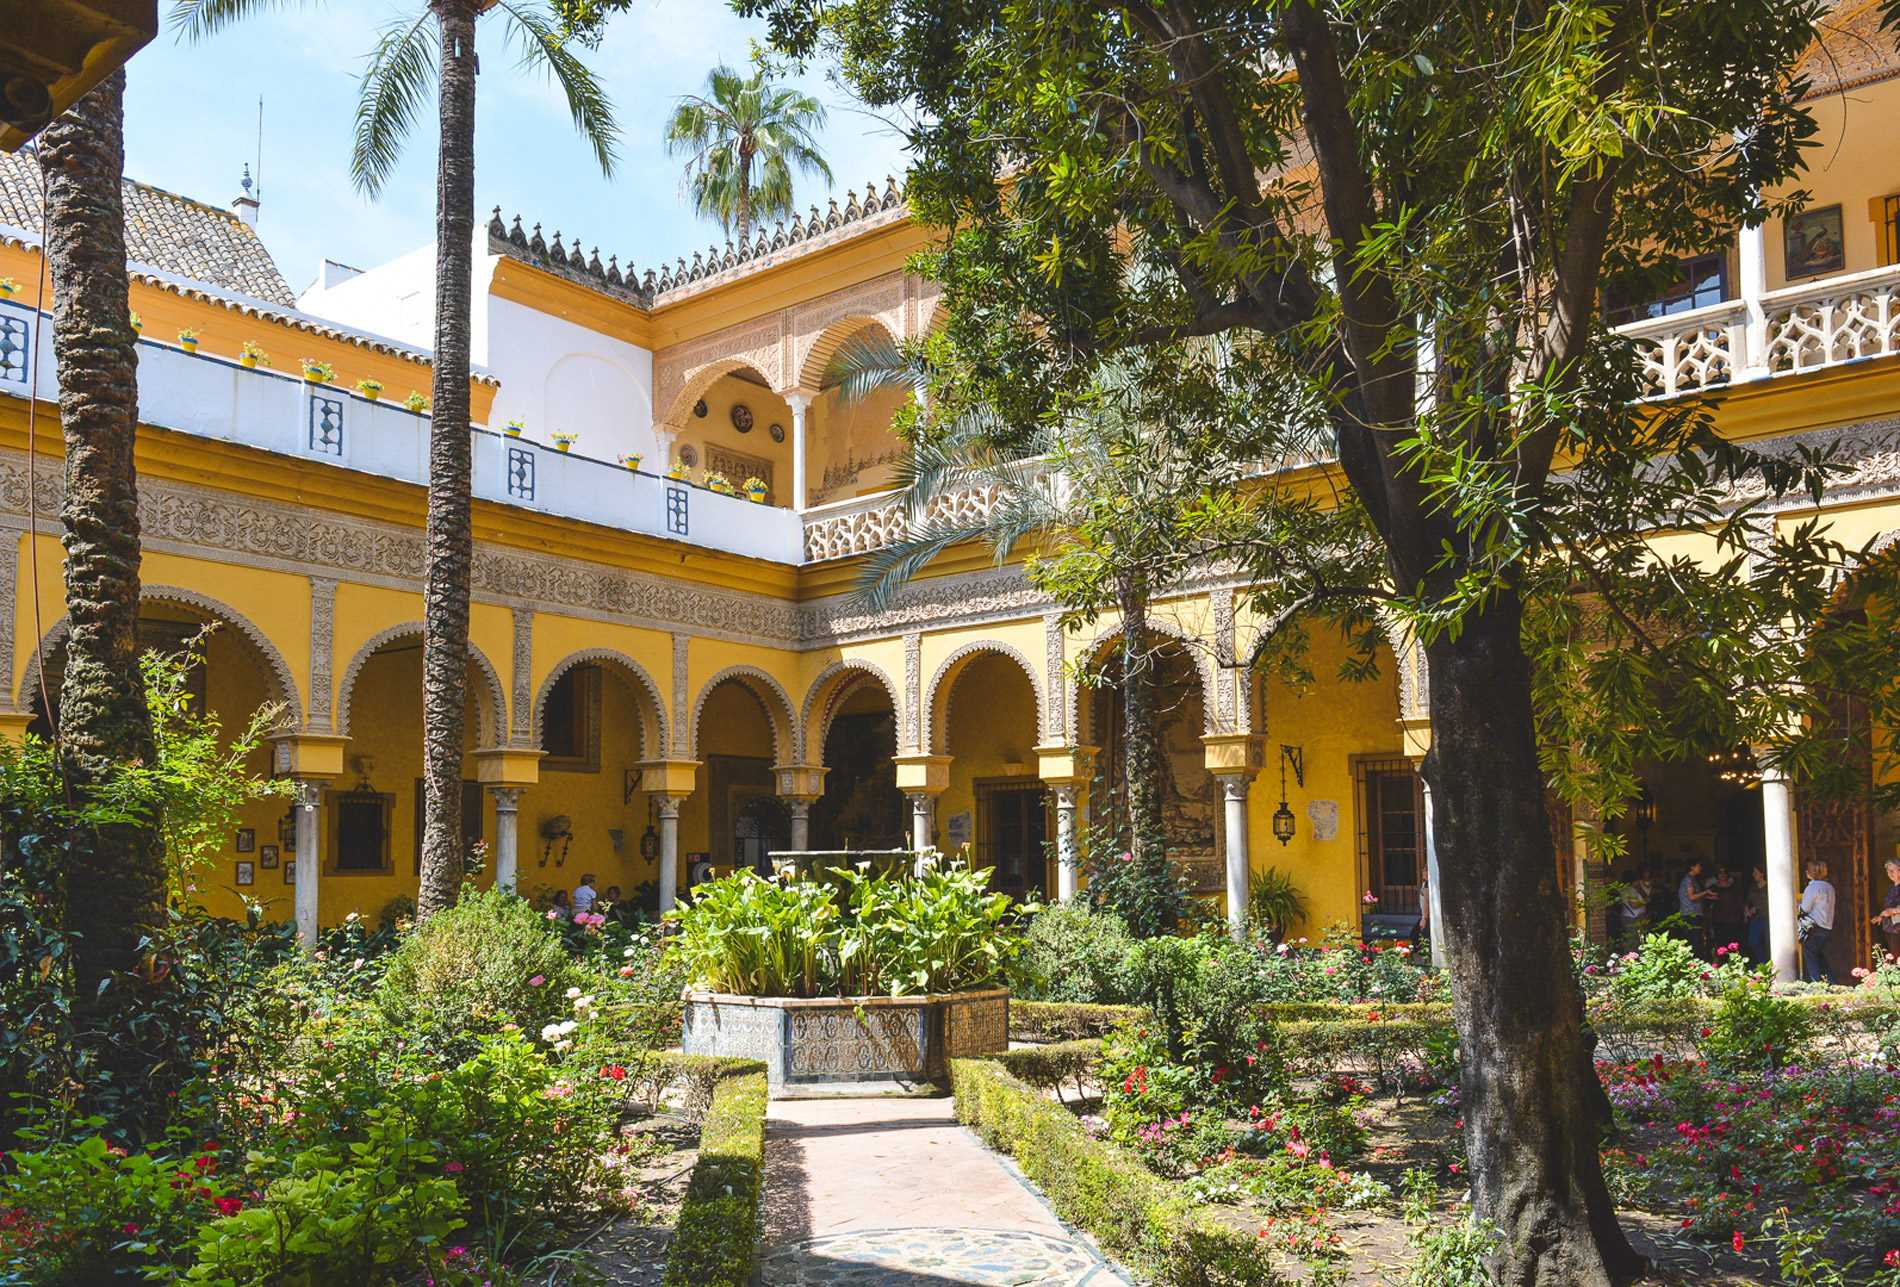 Os detalhes do Palácio de Las Dueñas são uma boa razão para visitar Sevilha em Espanha